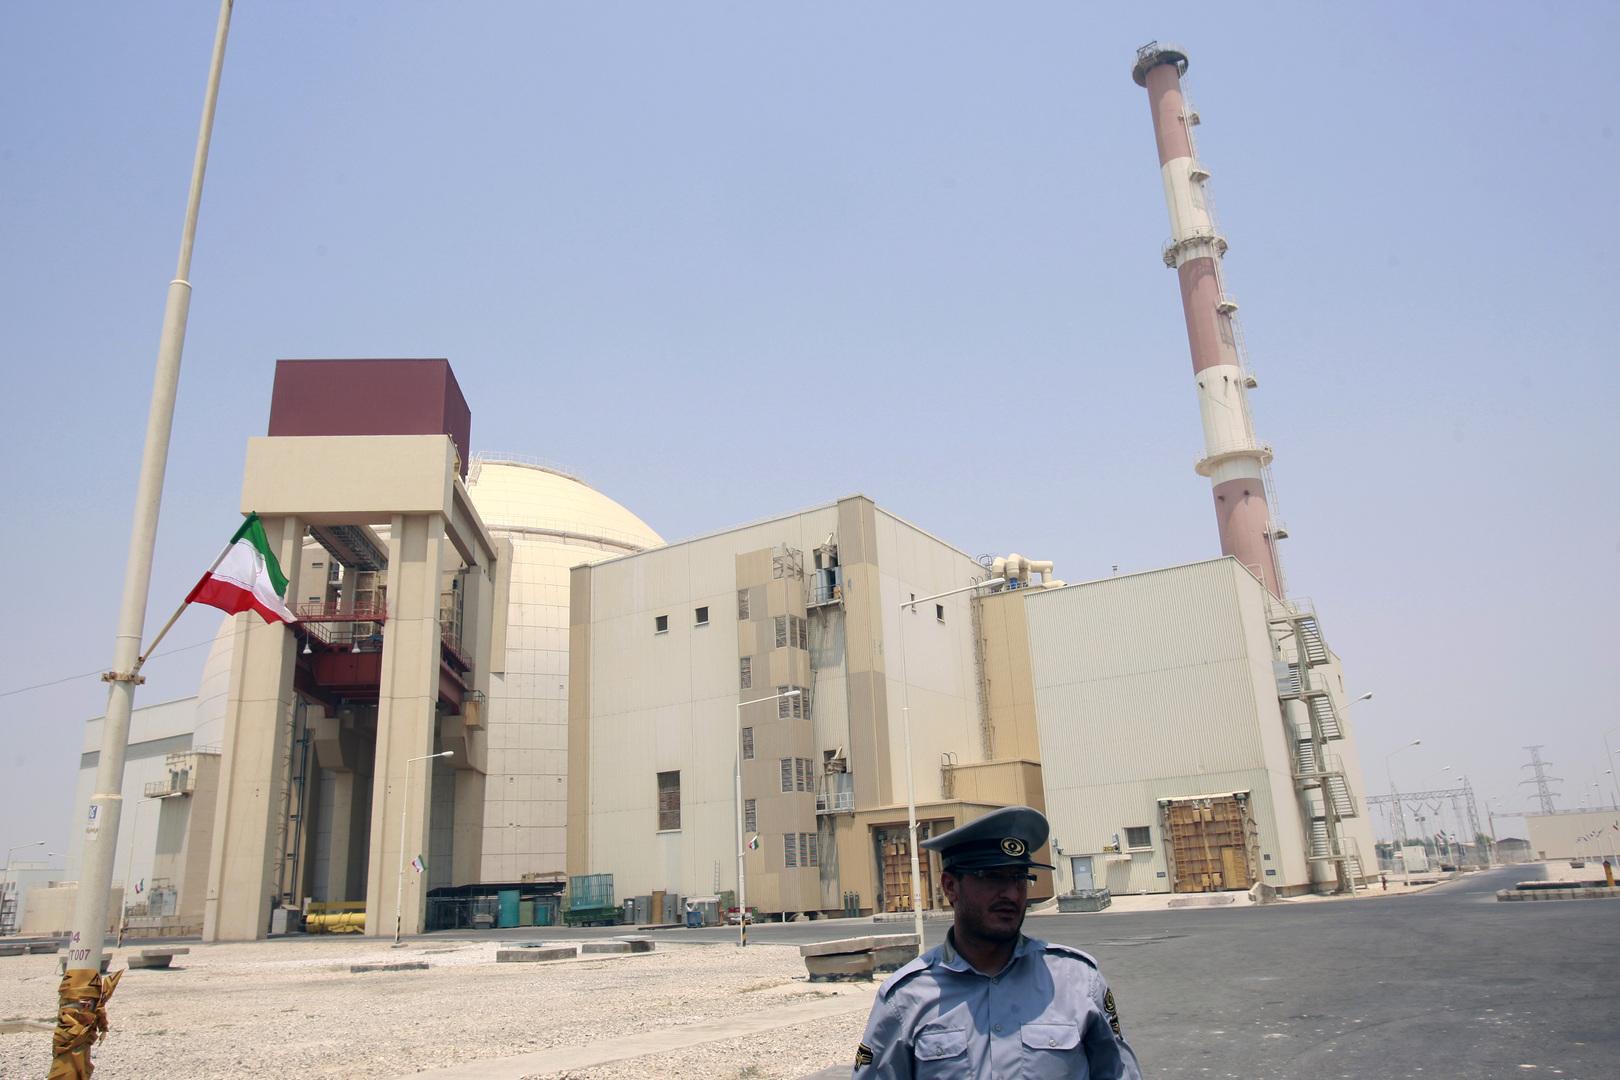 إيران قد تمنع الوكالة الدولية من دخول منشآتها النووية